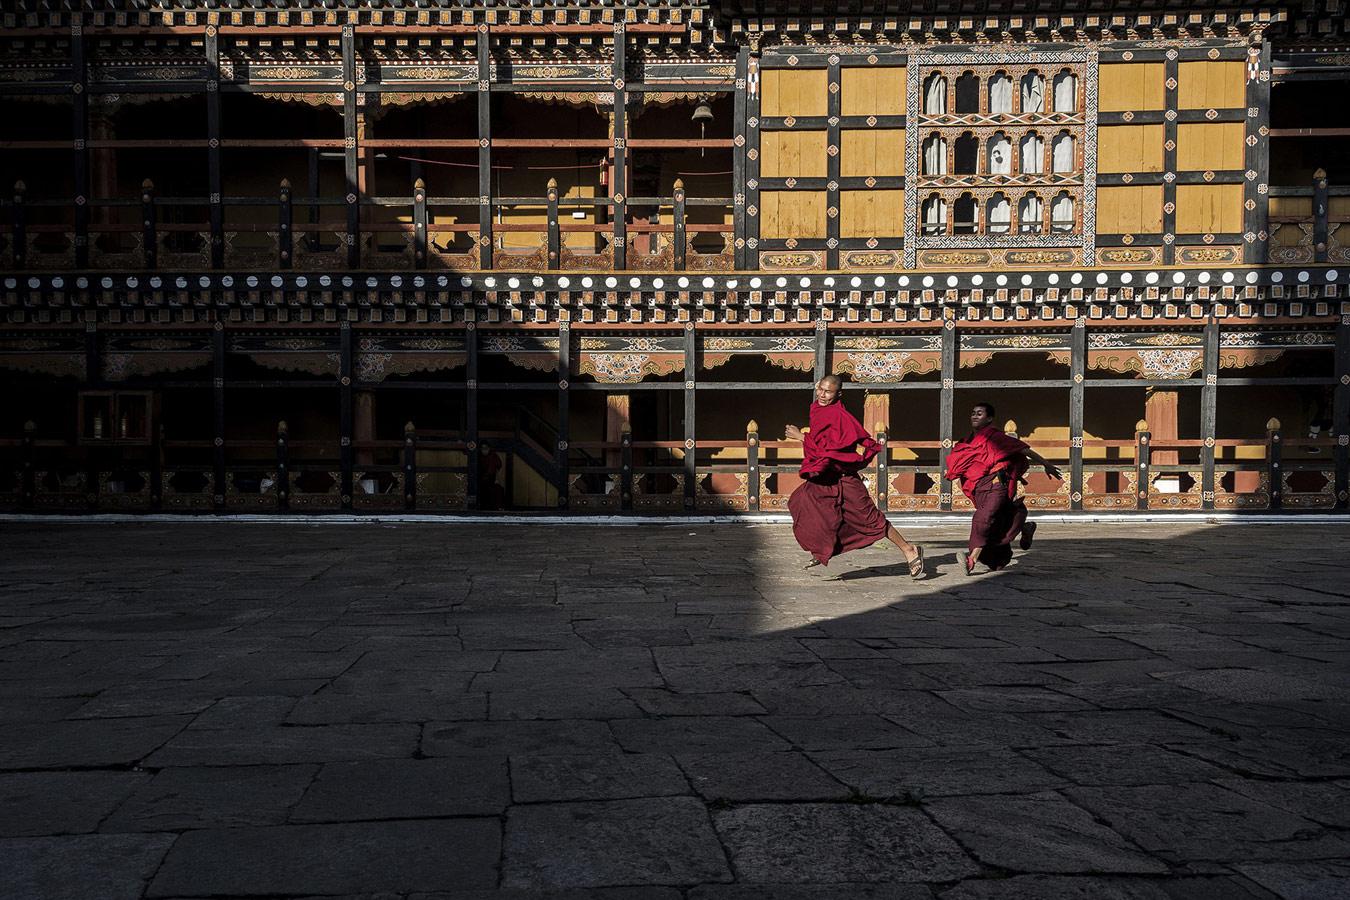 Внутри вас свет тысячи солнц, © Рагхав Сети, Бангалор, Карнатака, Индия, Финалист категории «Спонтанные моменты», любитель, Фотоконкурс экстремальных путешествий «Мир в фокусе» — World In Focus